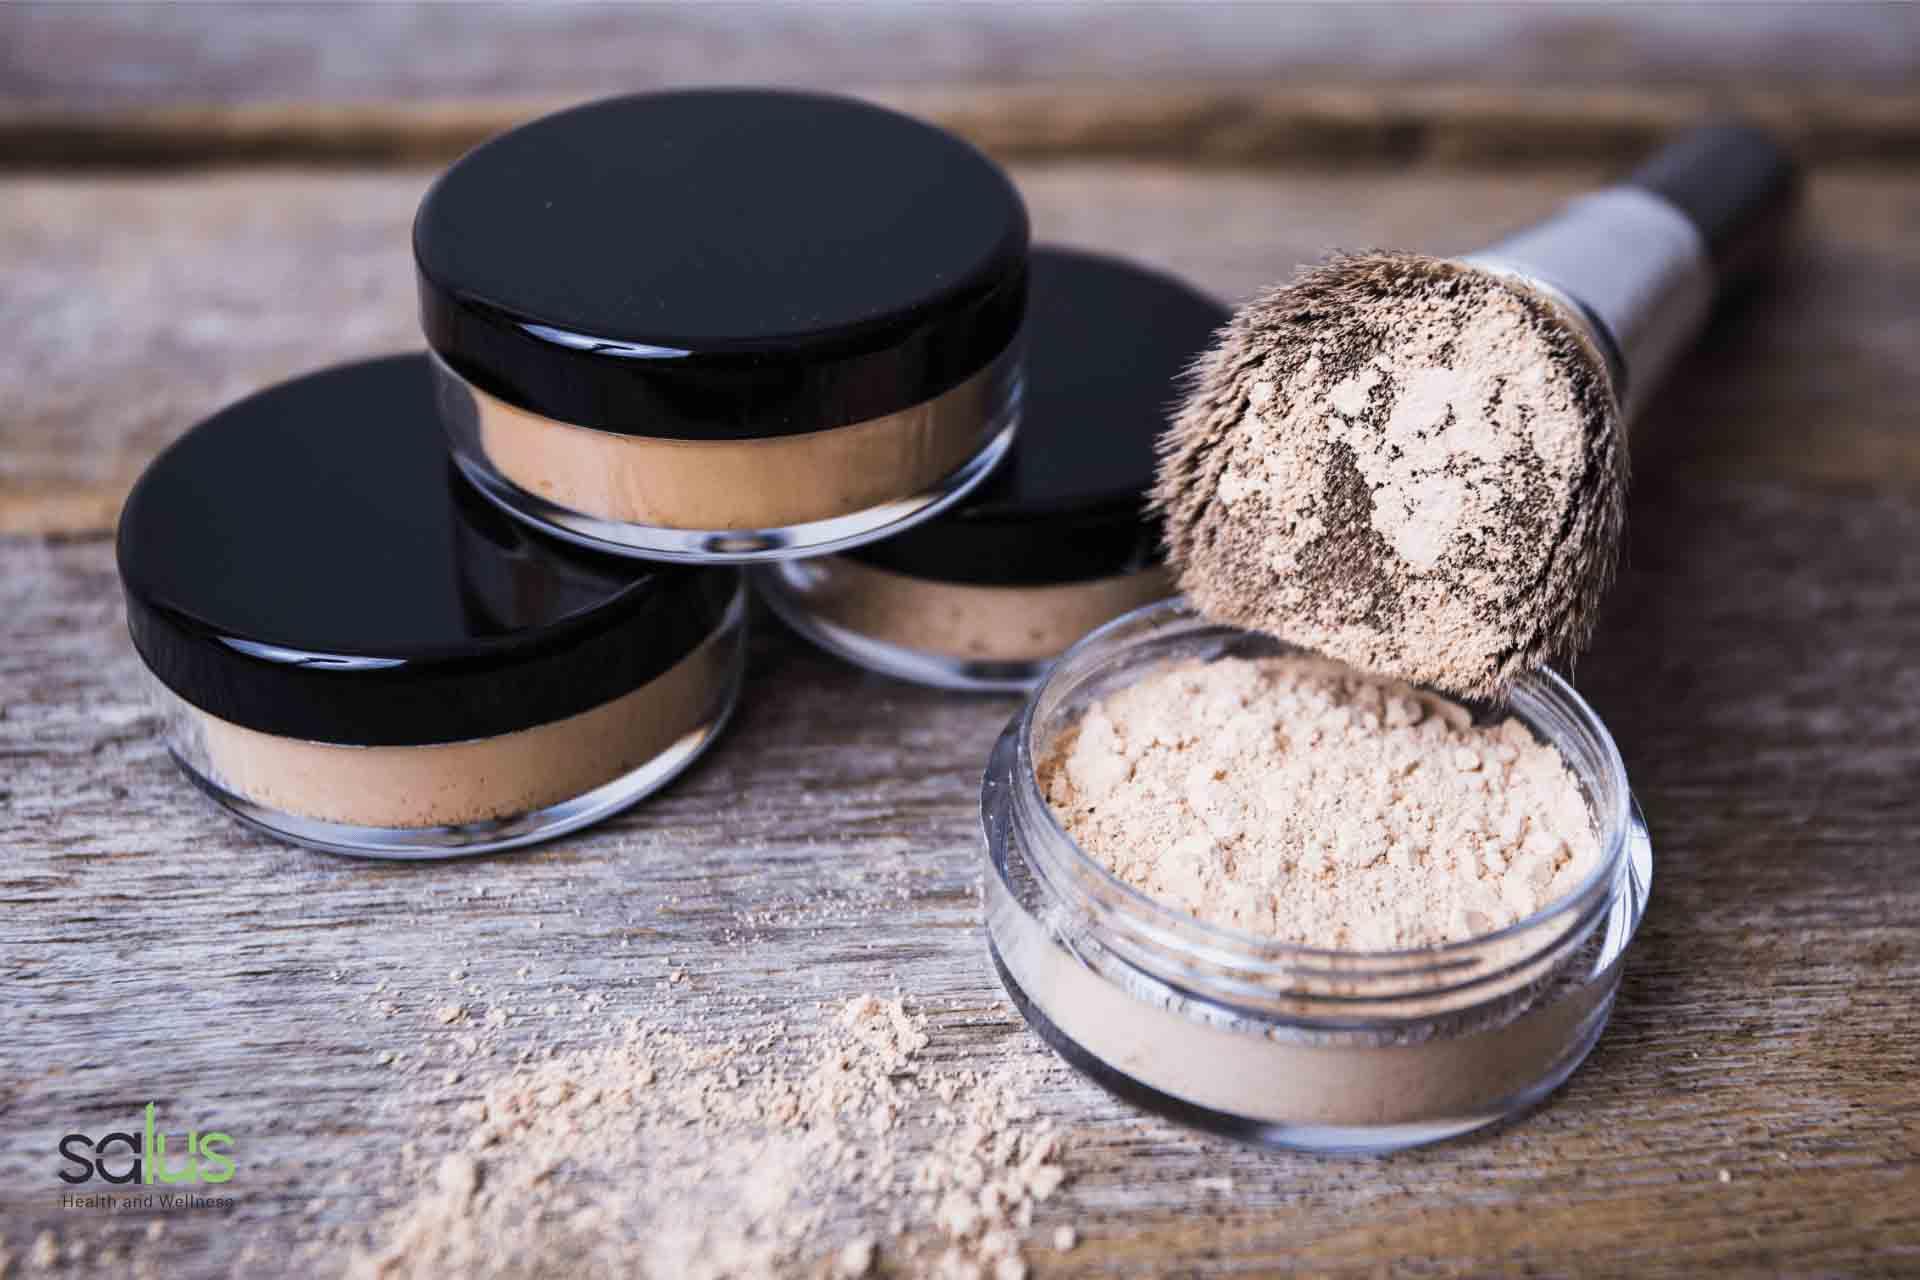 Salus blog - make-up minerale